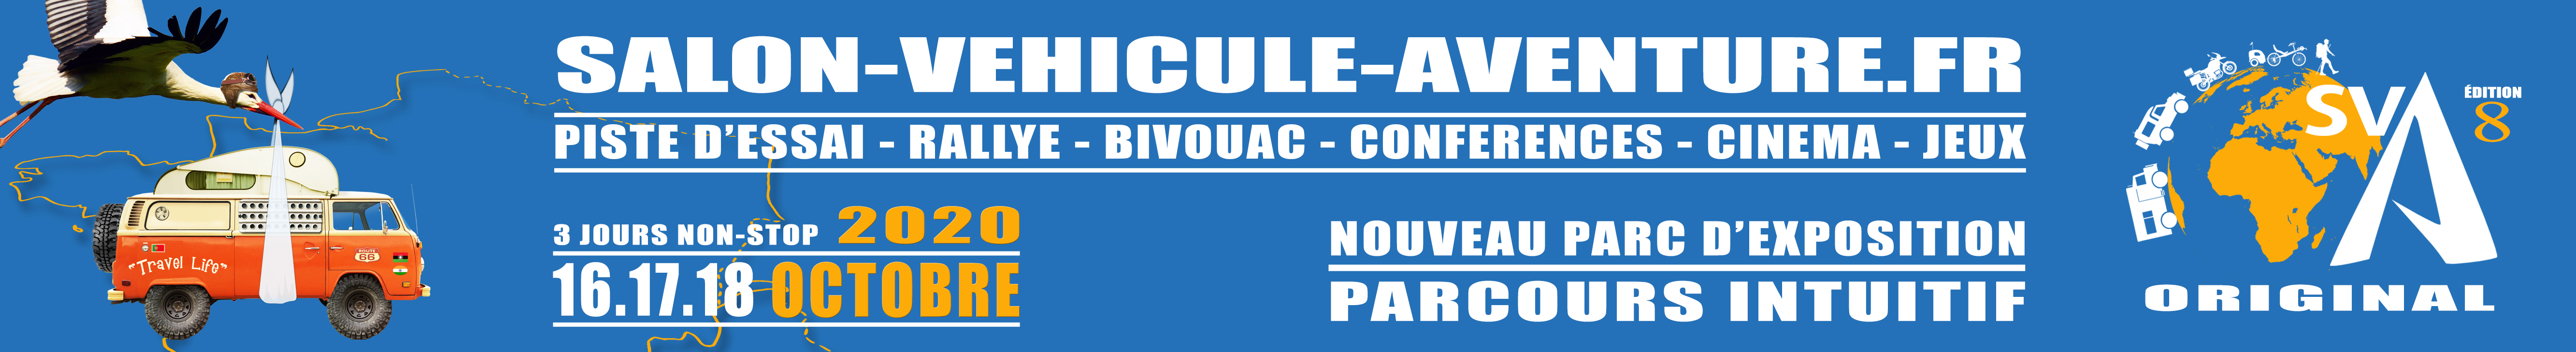 SALON DU VEHICULE D'AVENTURE (officiel)